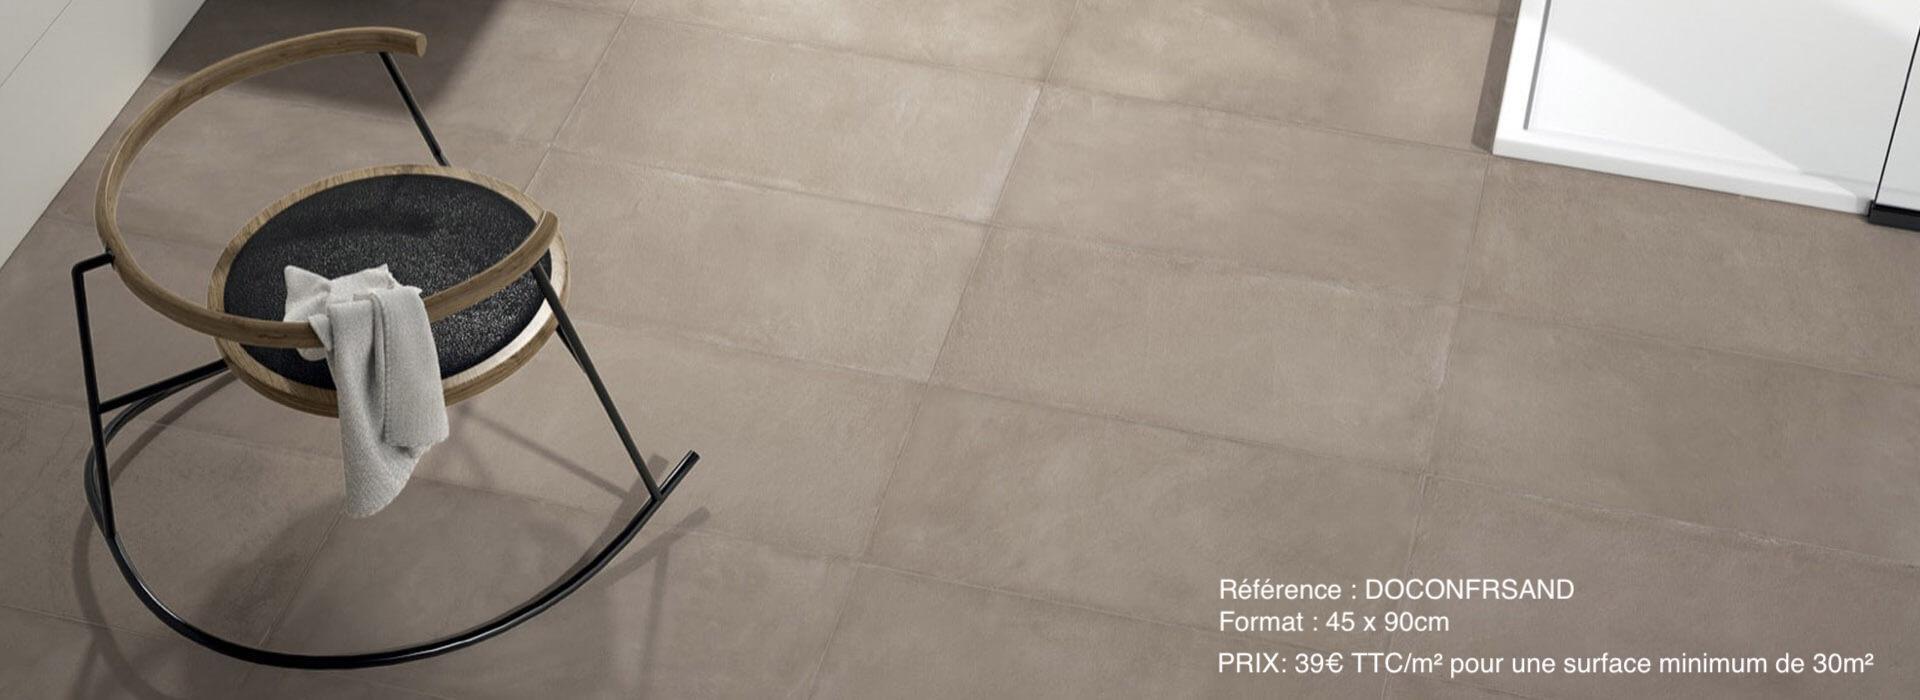 carrelage ciment spatulé montpellier